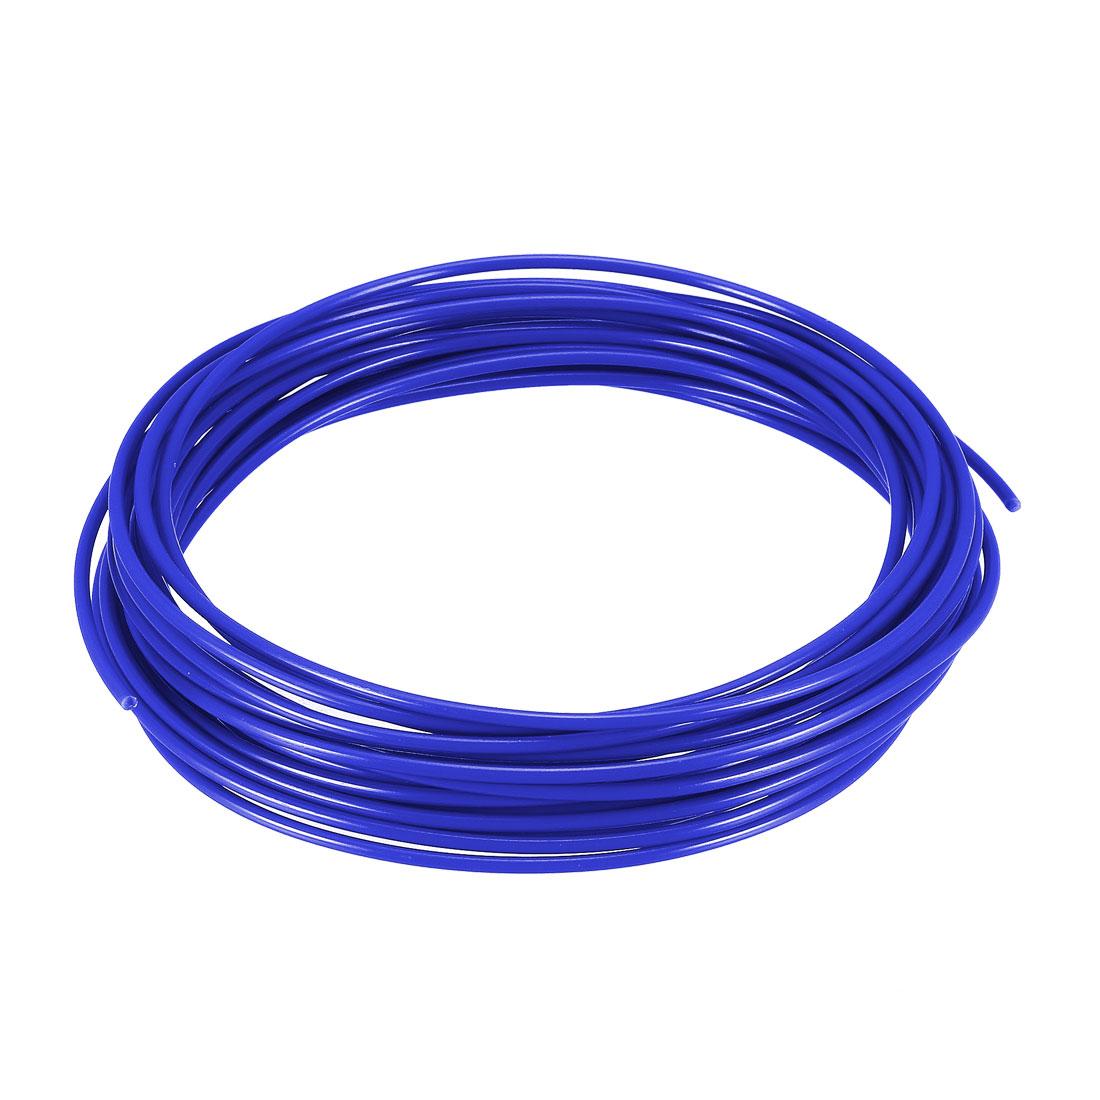 5 Meter/16 Ft PLA 3D Pen/3D Printer Filament, 1.75 mm Blue